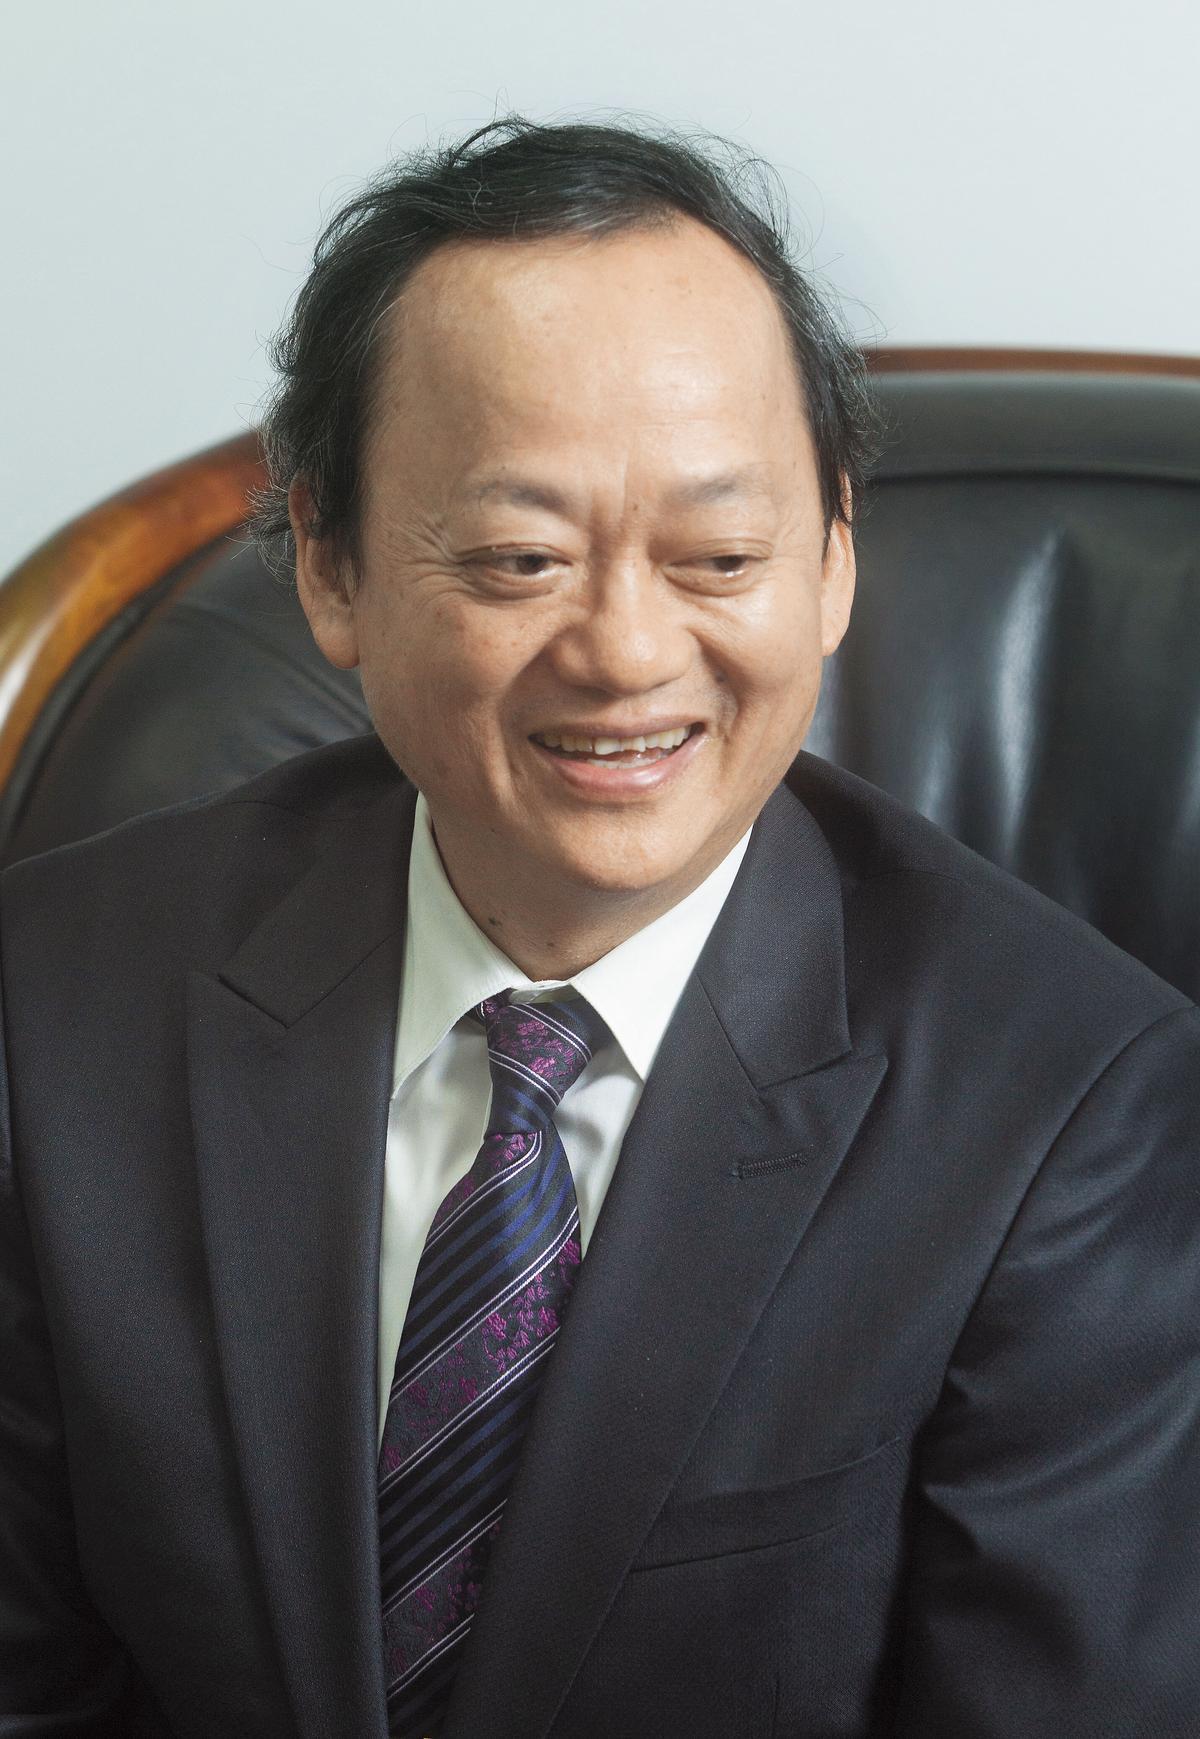 前衛生署長葉金川目前擔任台灣血液基金會董事長,屏東捐血站2015年落成時就是由他揭牌啟用。